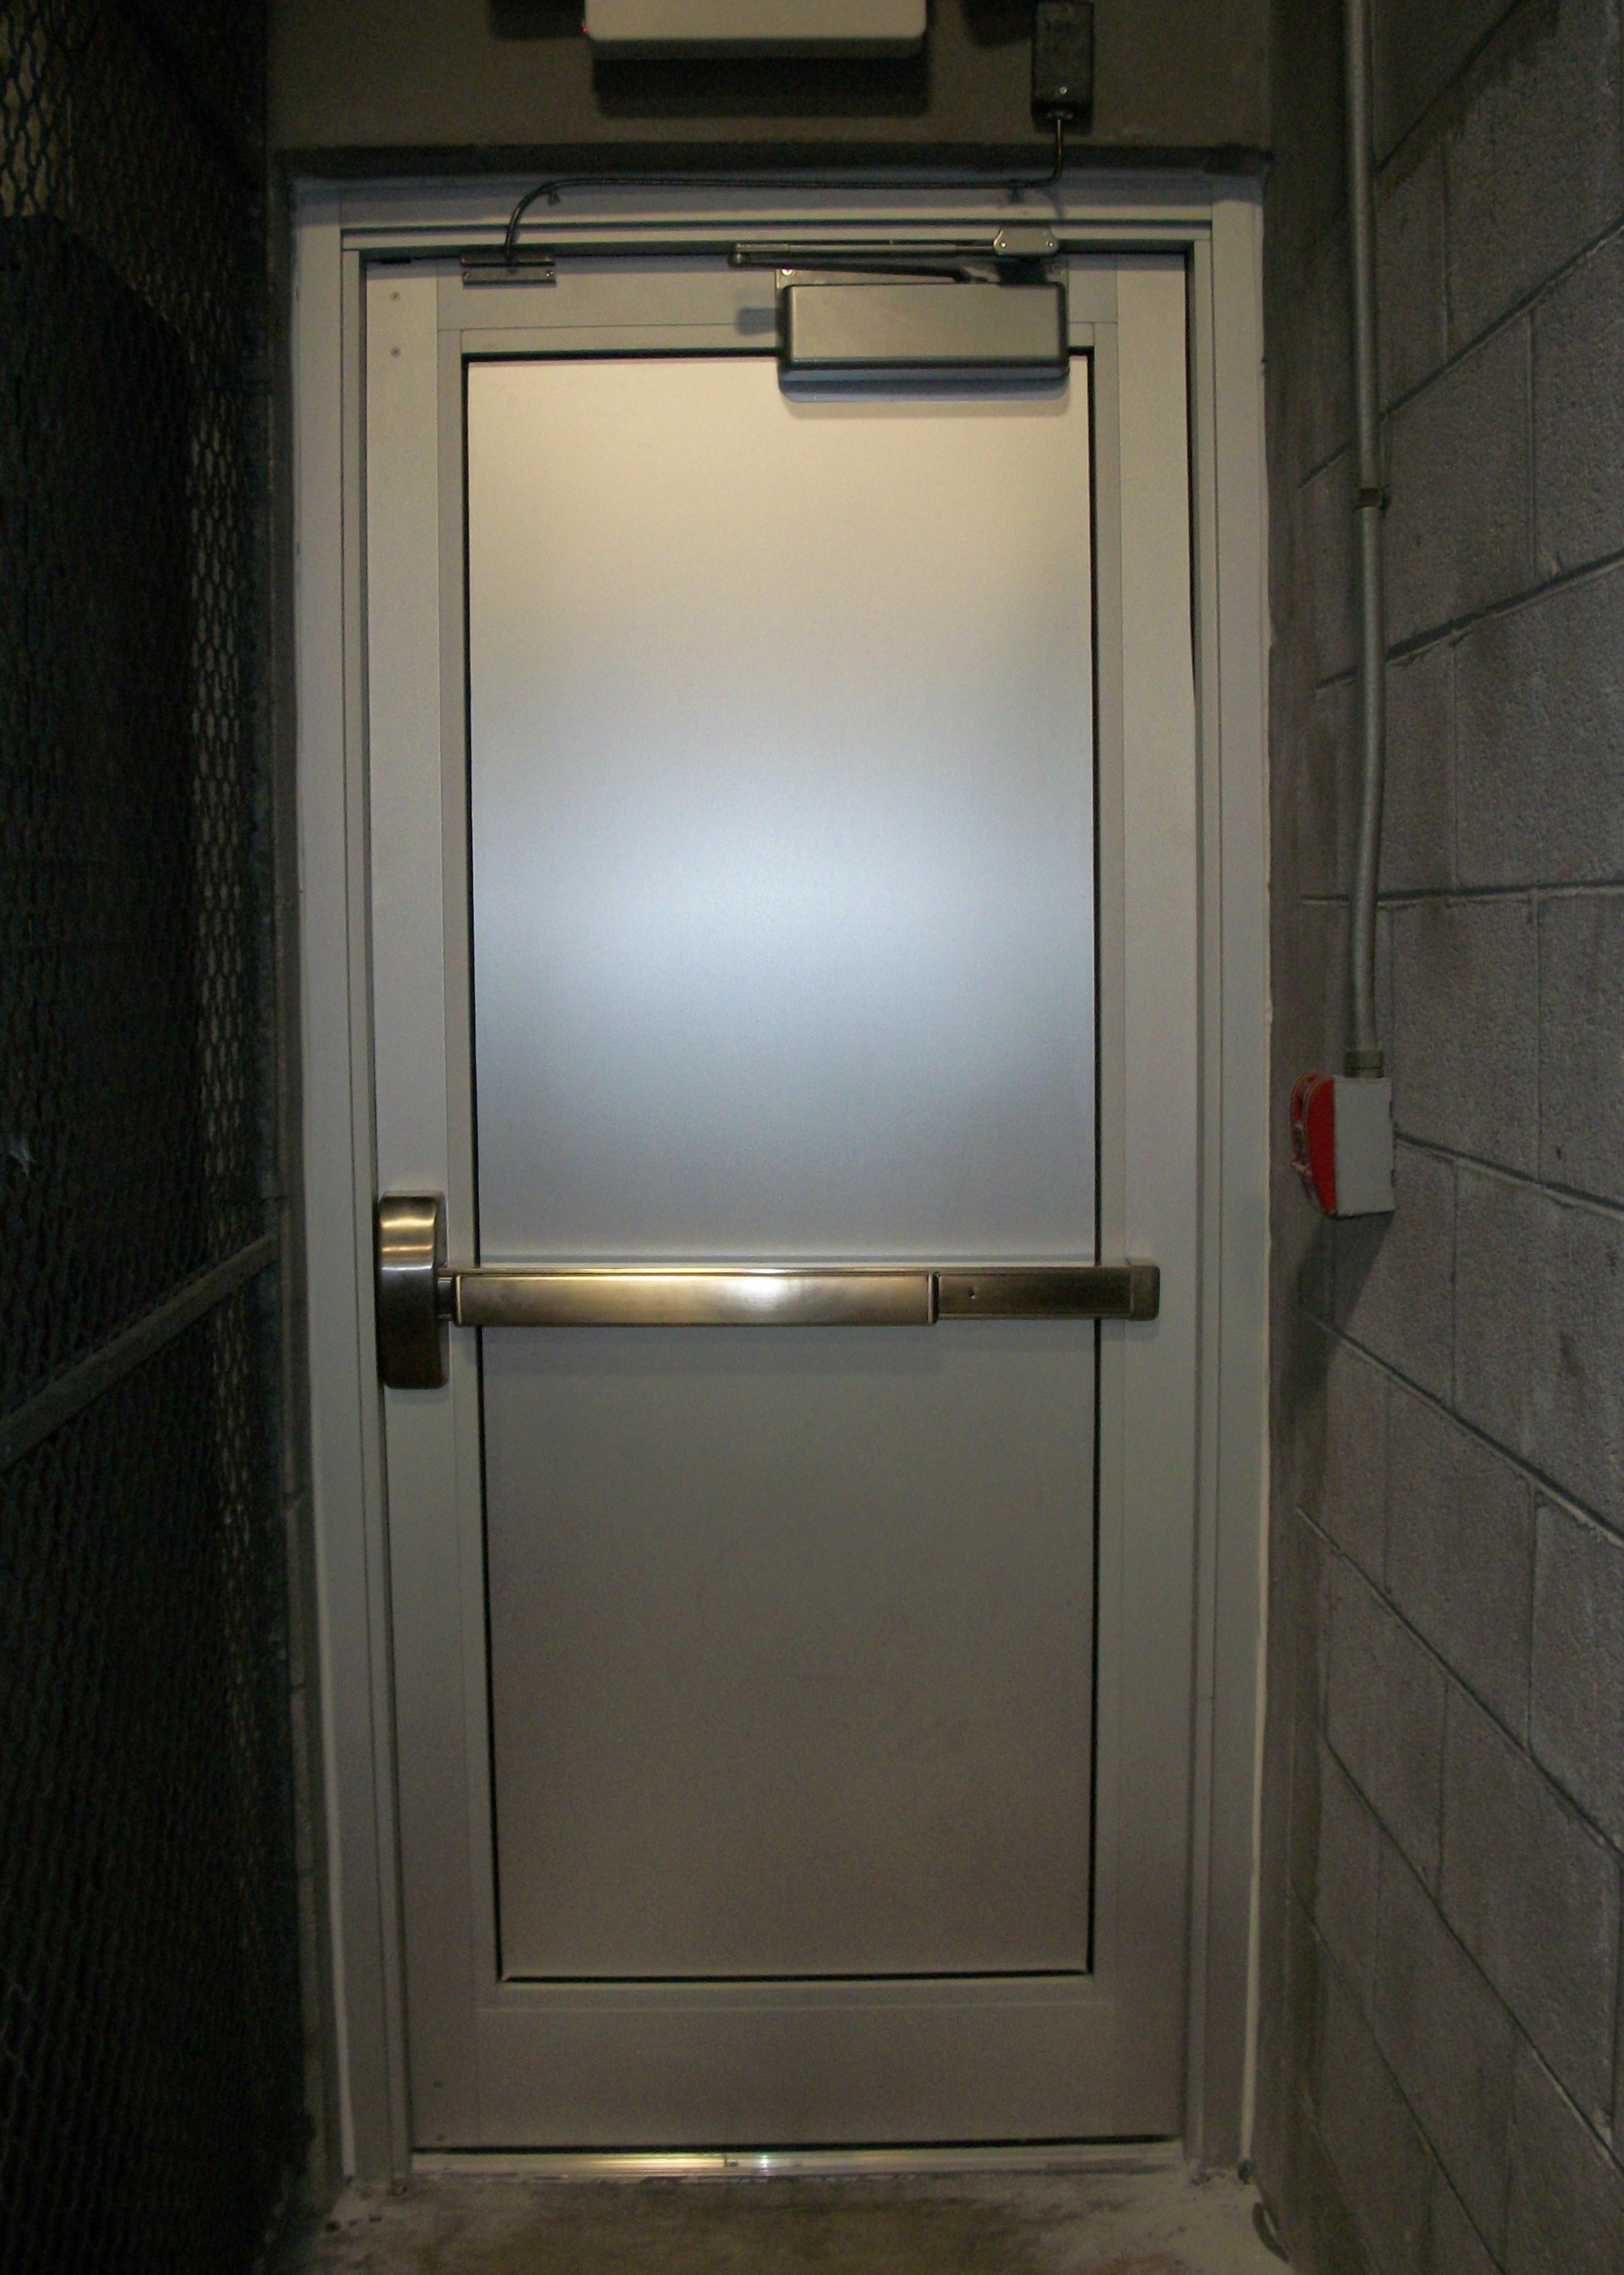 3777 #816F4A Naval Support Center Glass & Glazing / Door & Hardware Dash Door wallpaper Aluminum Entry Doors 39552697